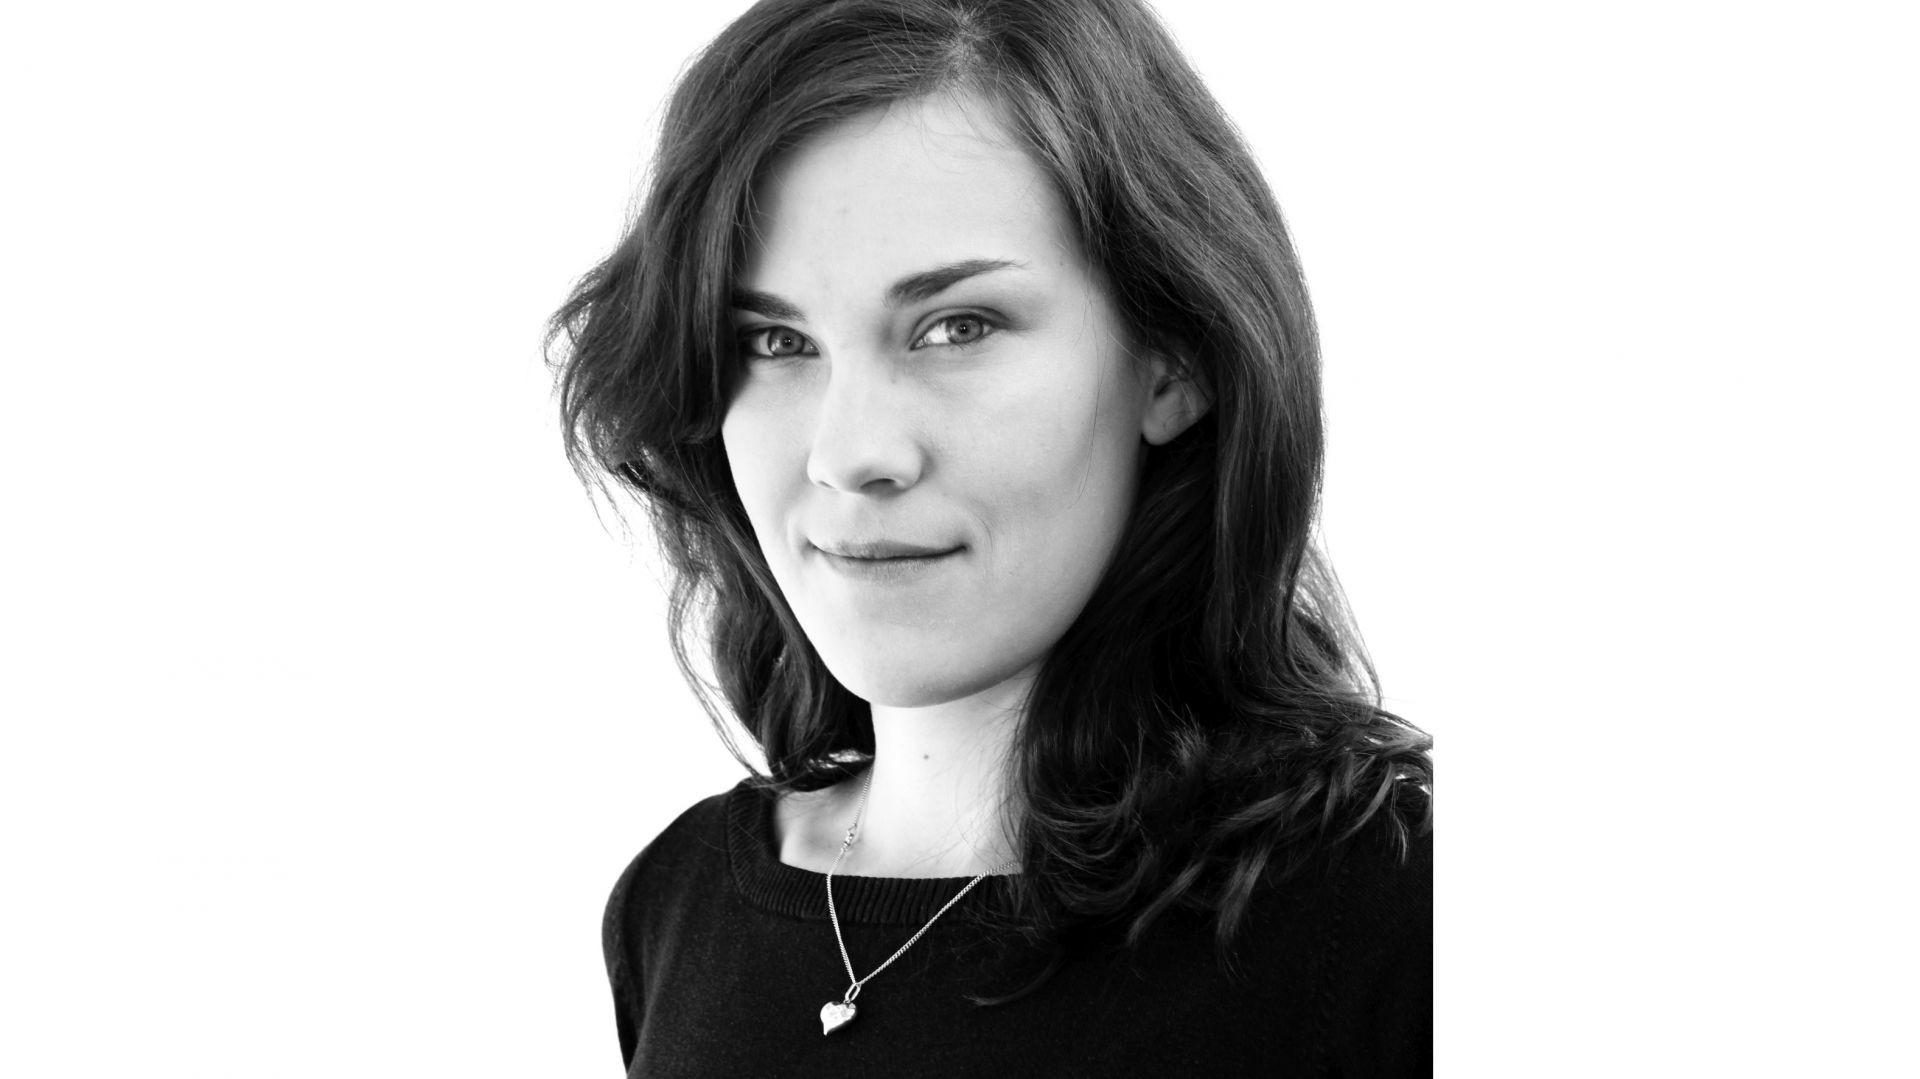 Agata Makowska, odpowiedzialna za platformę dla influencerów TagLife. Fot. Archiwum